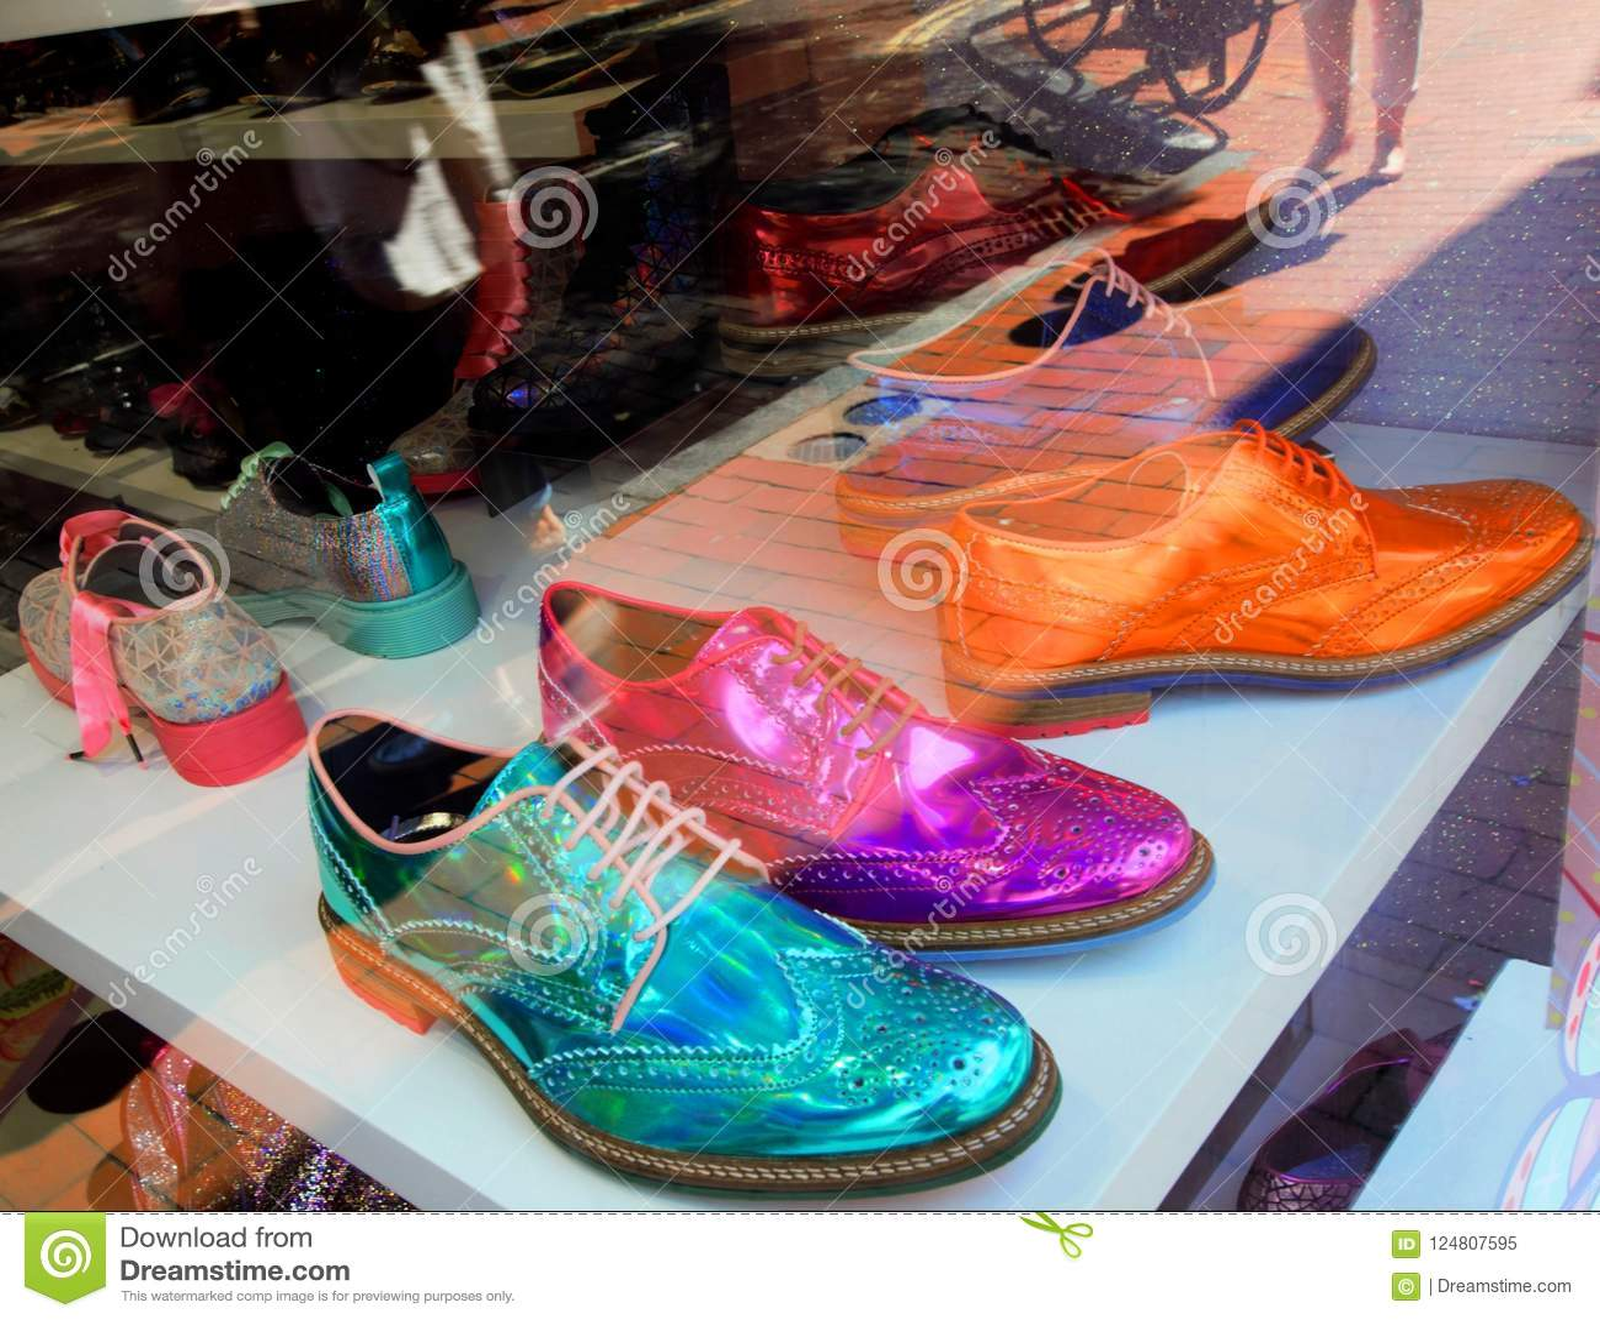 Schuh-Shop in Brighton, Vereinigtes Königreich